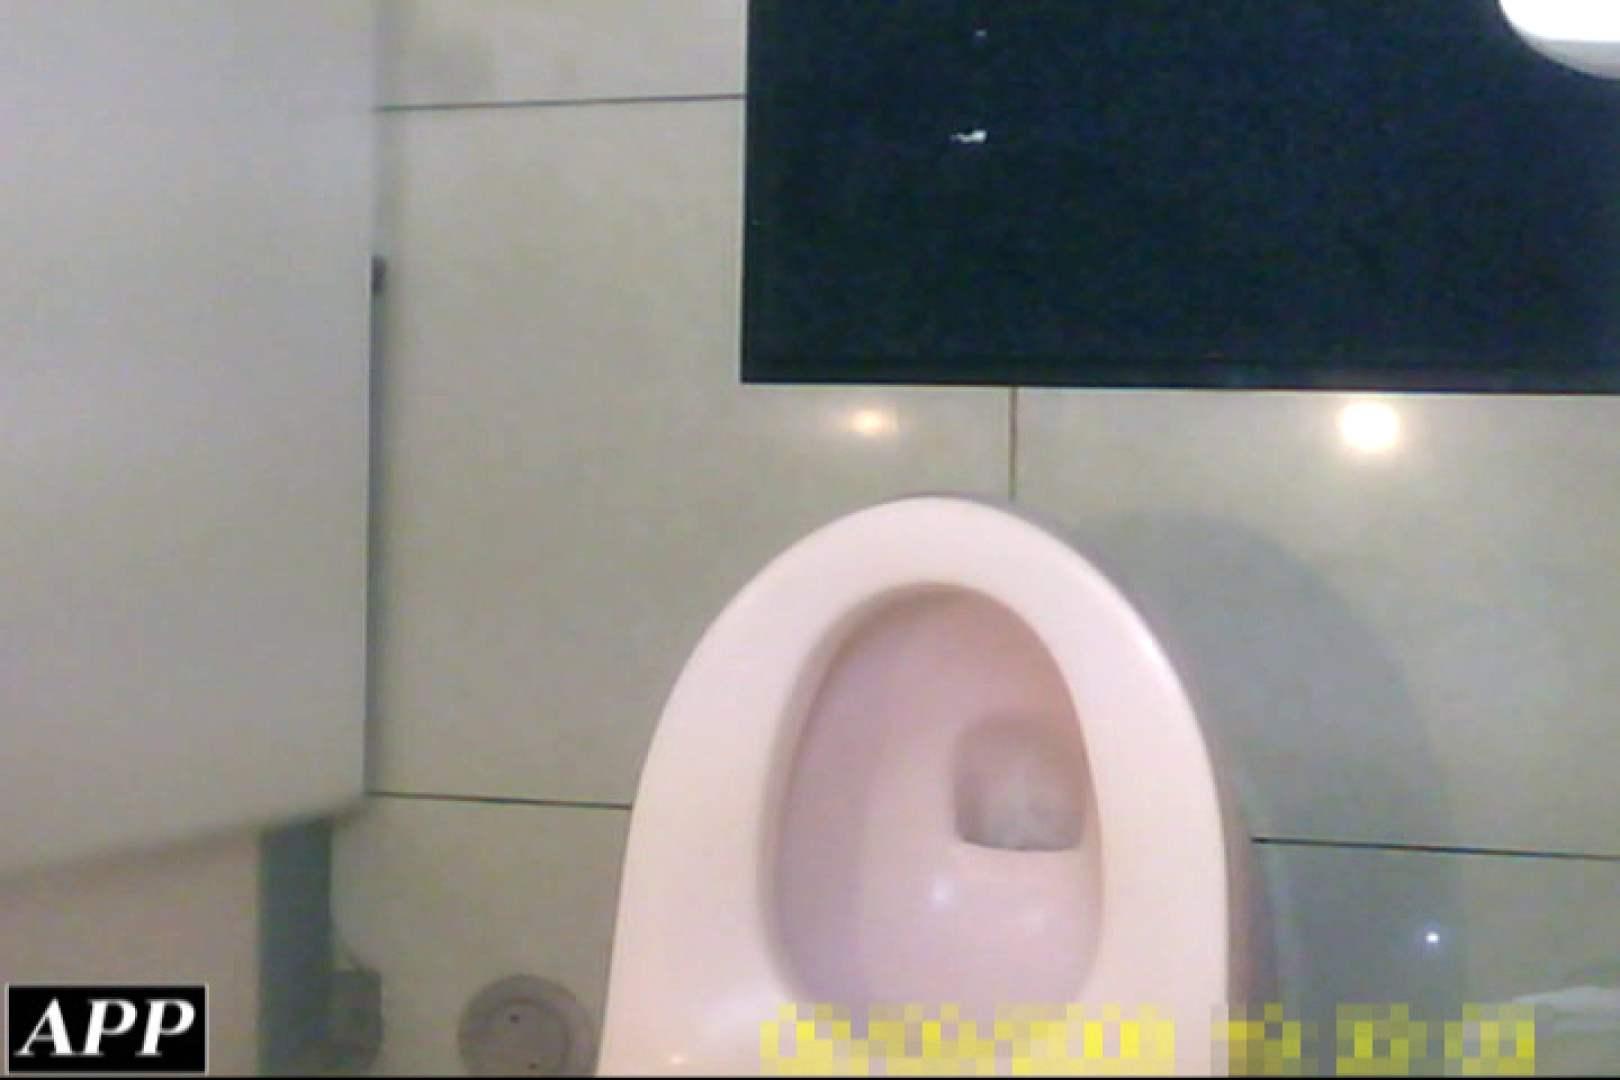 3視点洗面所 vol.75 OLのボディ 濡れ場動画紹介 108PIX 98